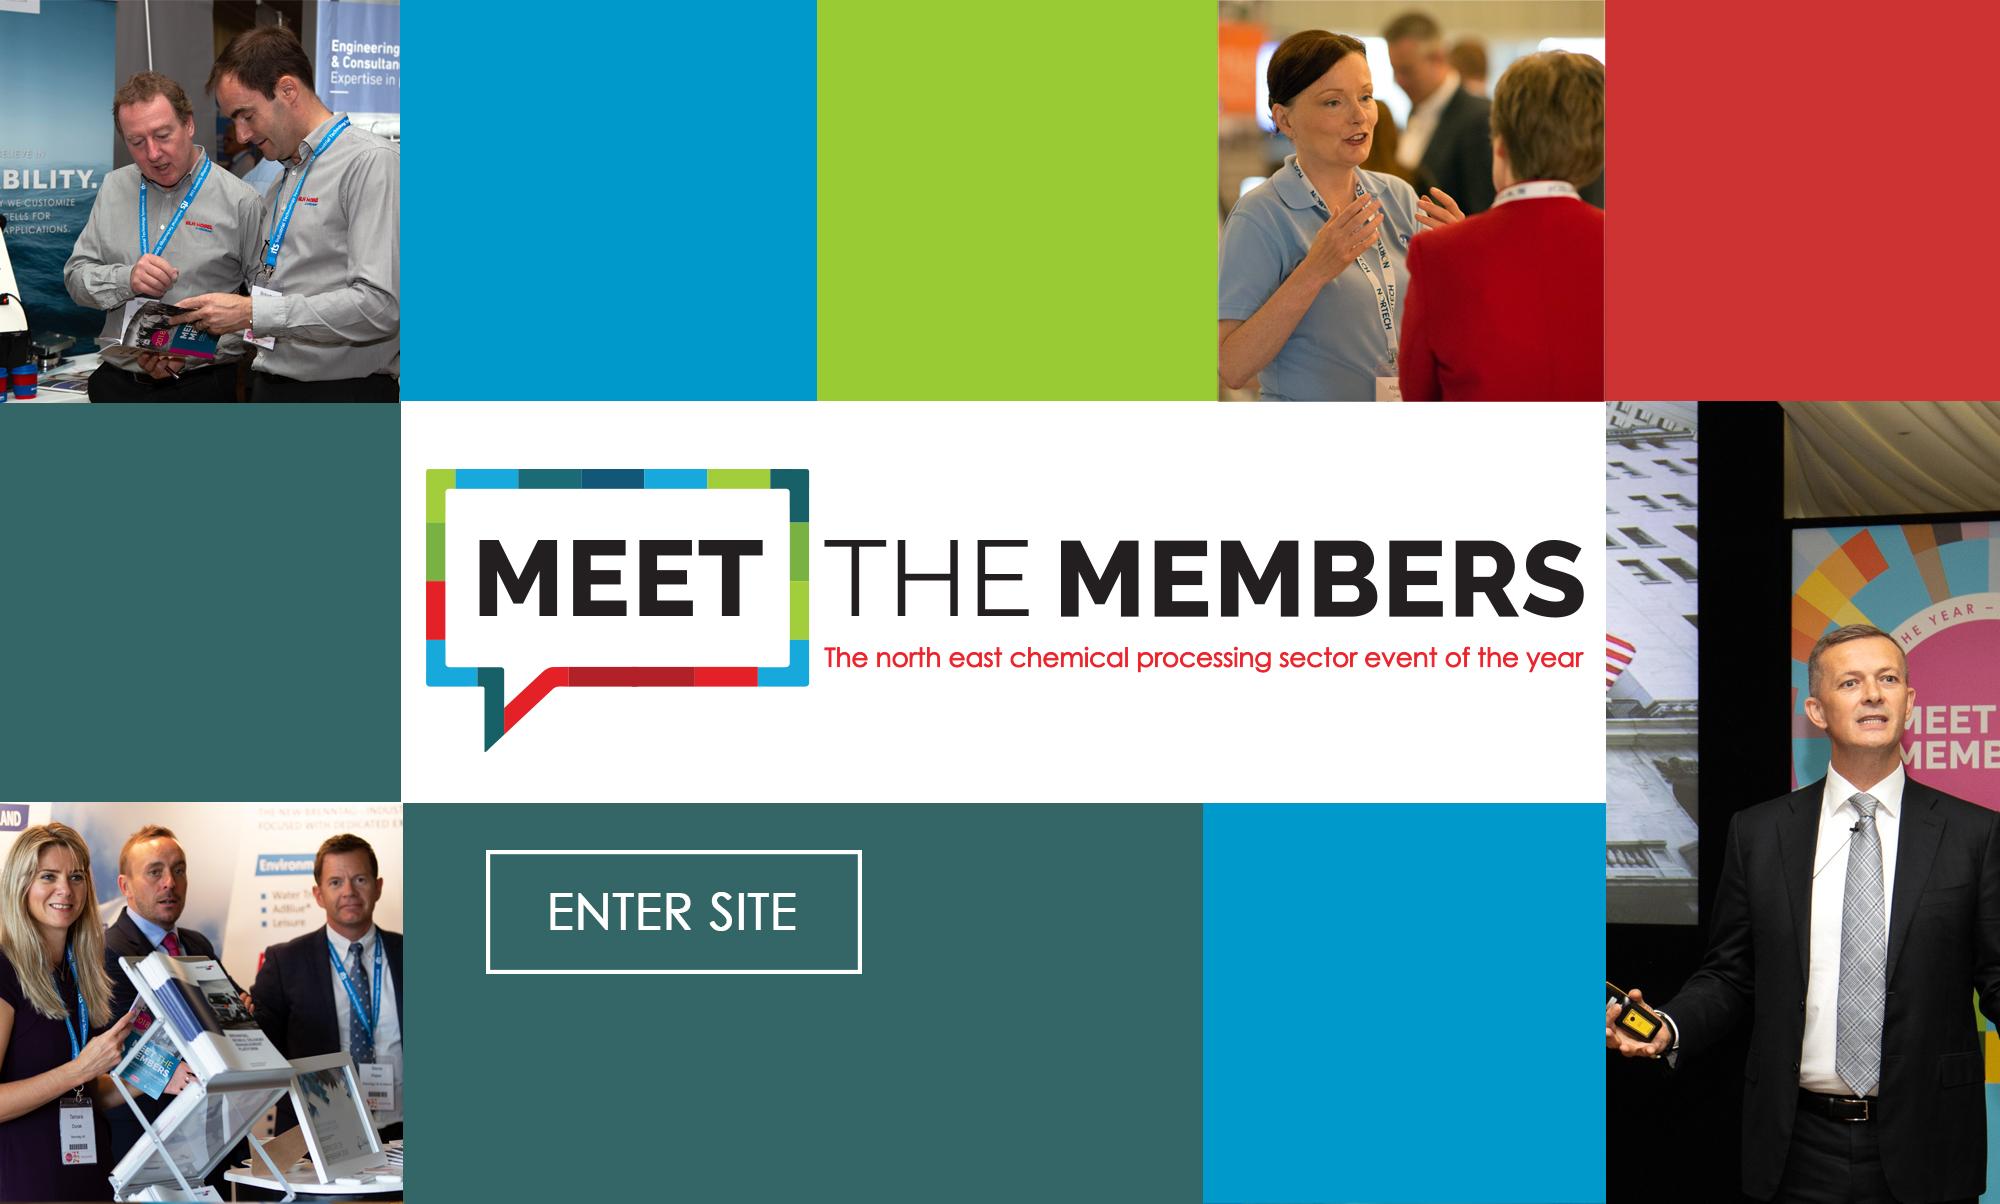 Meet the Members 2018